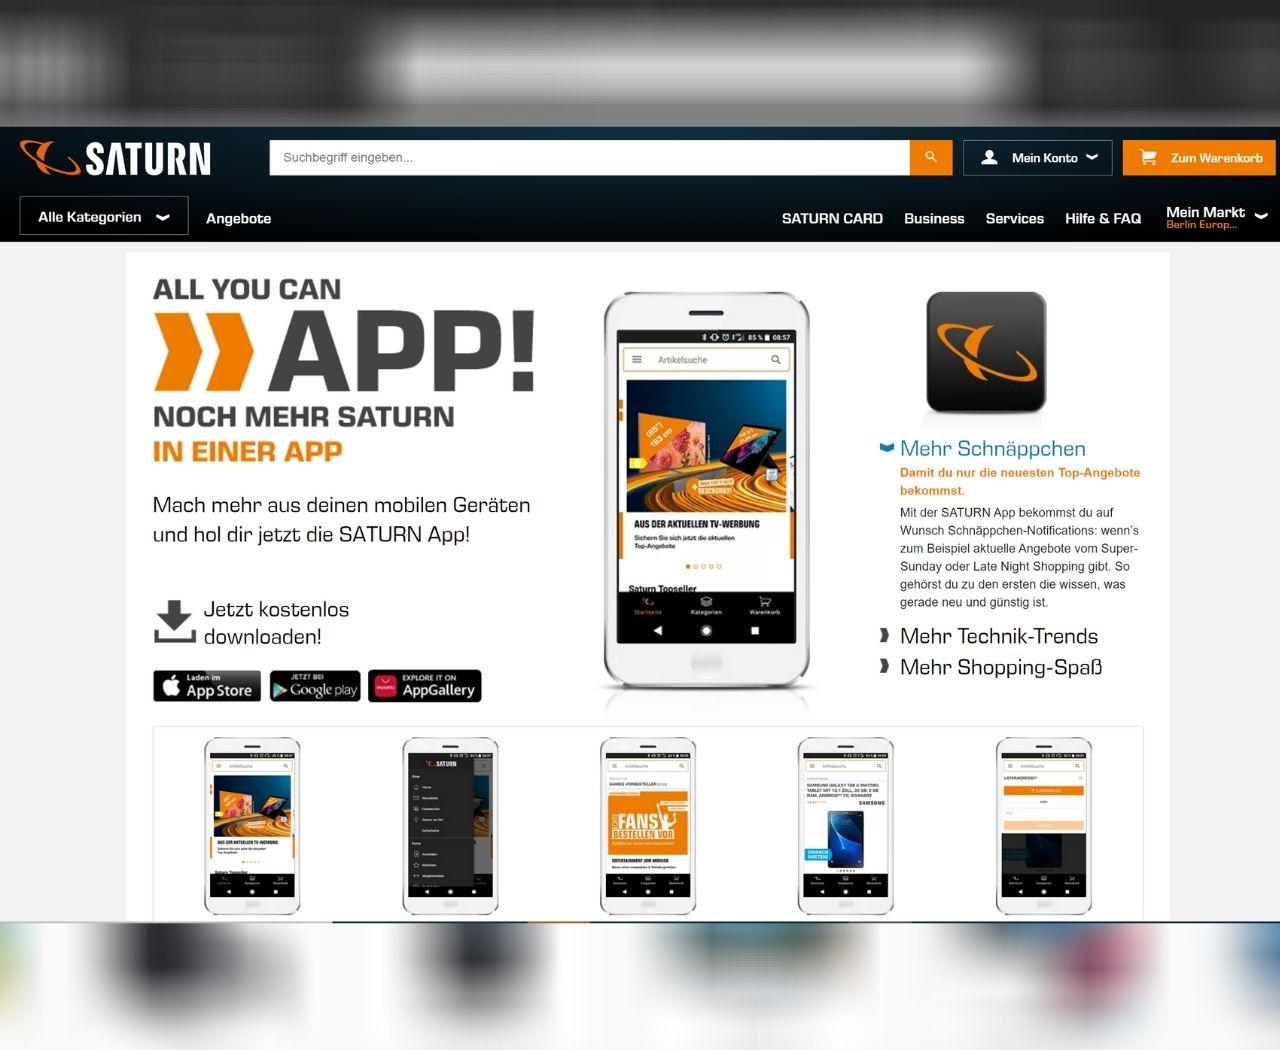 Saturn-Werbung für App und Mobile-Shop